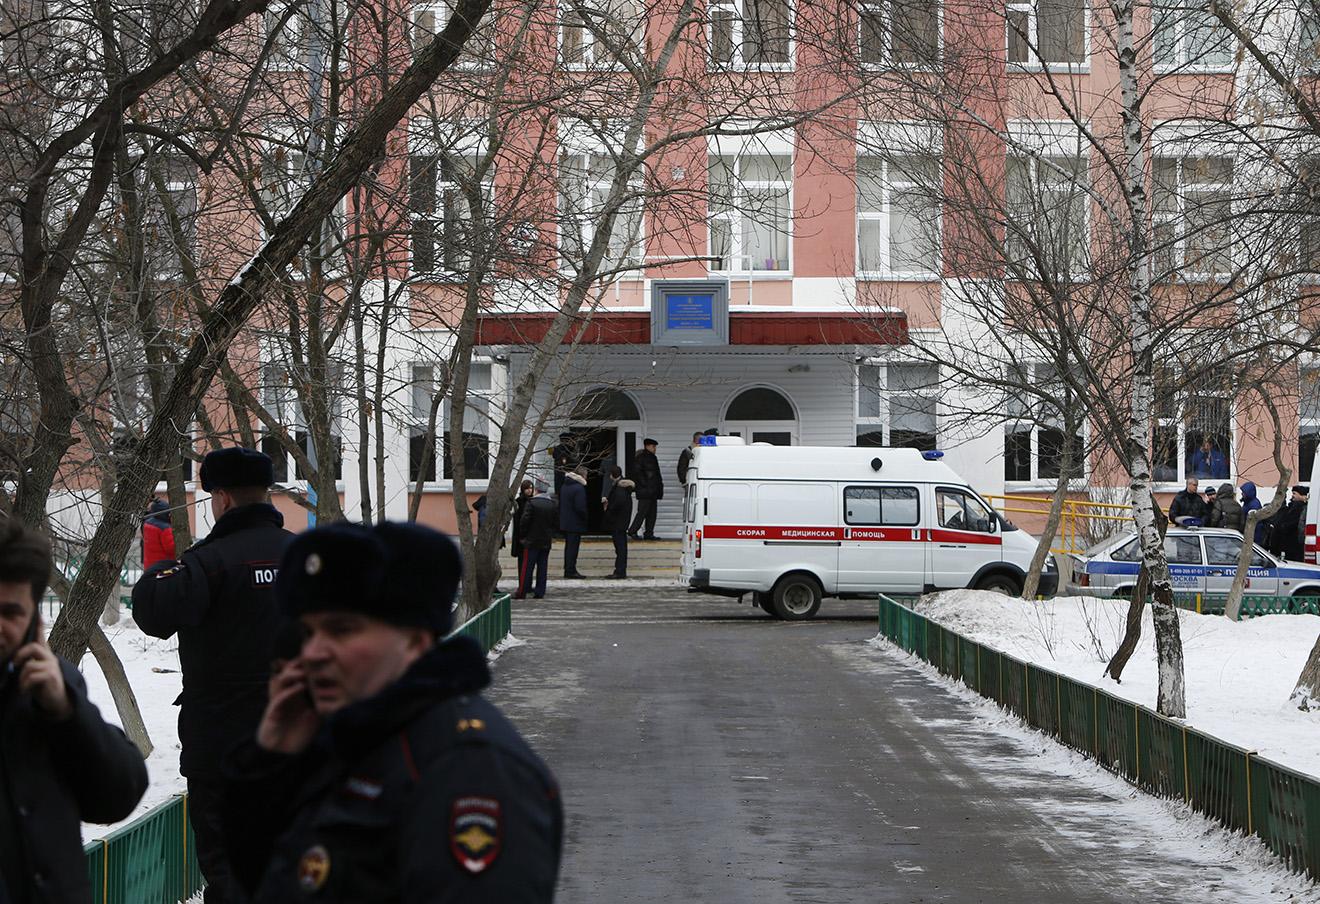 Школа №263 в Отрадном, ученик которой застрелил учителя географии из винтовки. 3 февраля 2014 года.